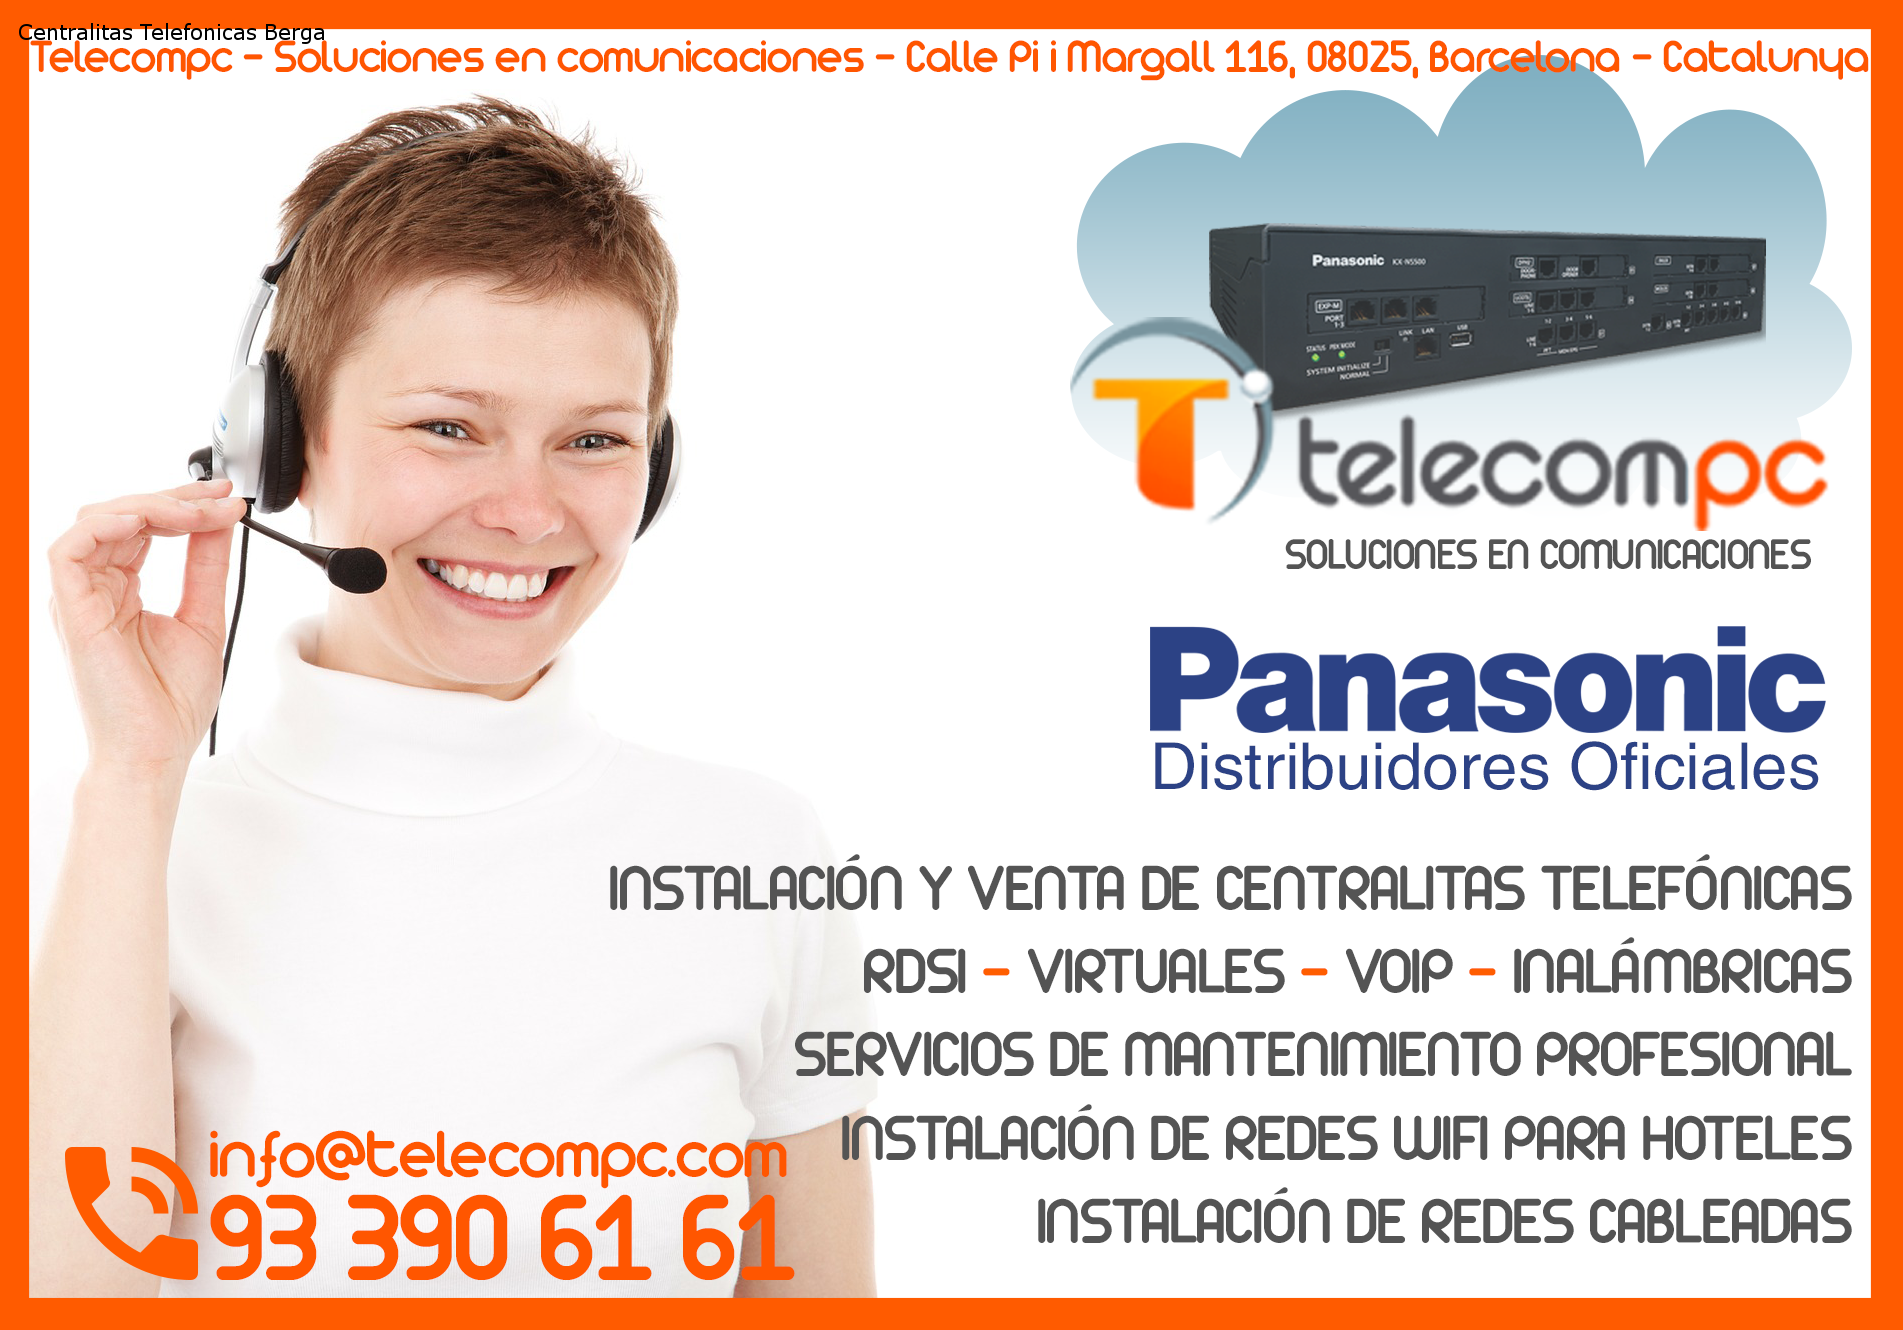 Centralitas Telefonicas Berga